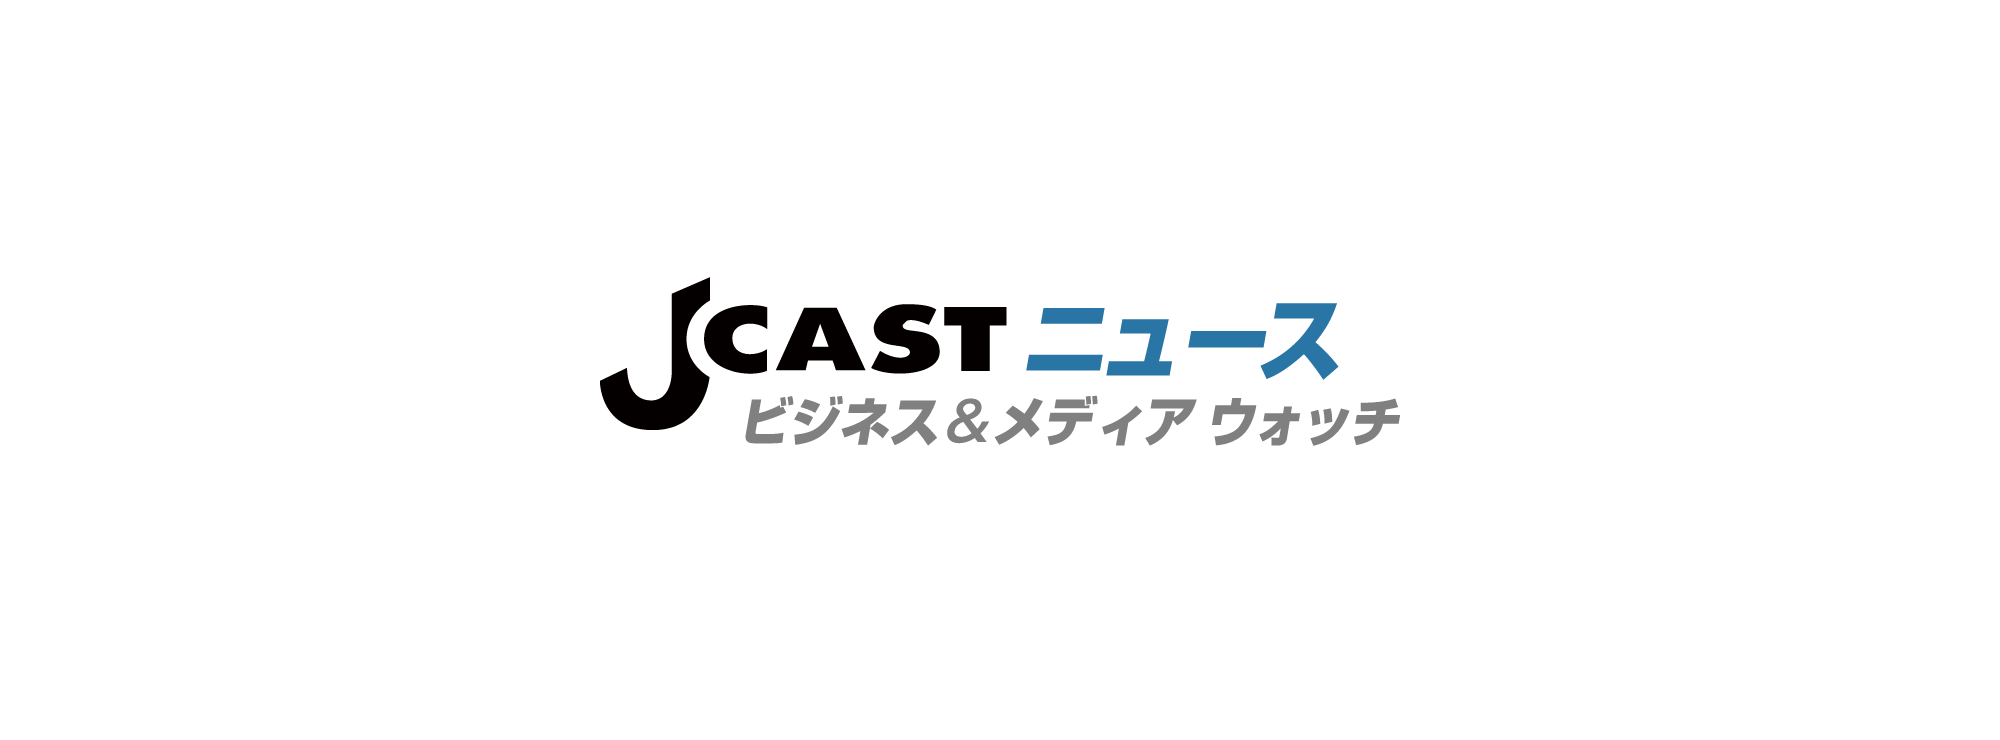 全文表示 | 「『叶姉妹』は単なるキャラクター設定」 ネットの書き込みに名物弁護士が「警告」 : J-CASTニュース